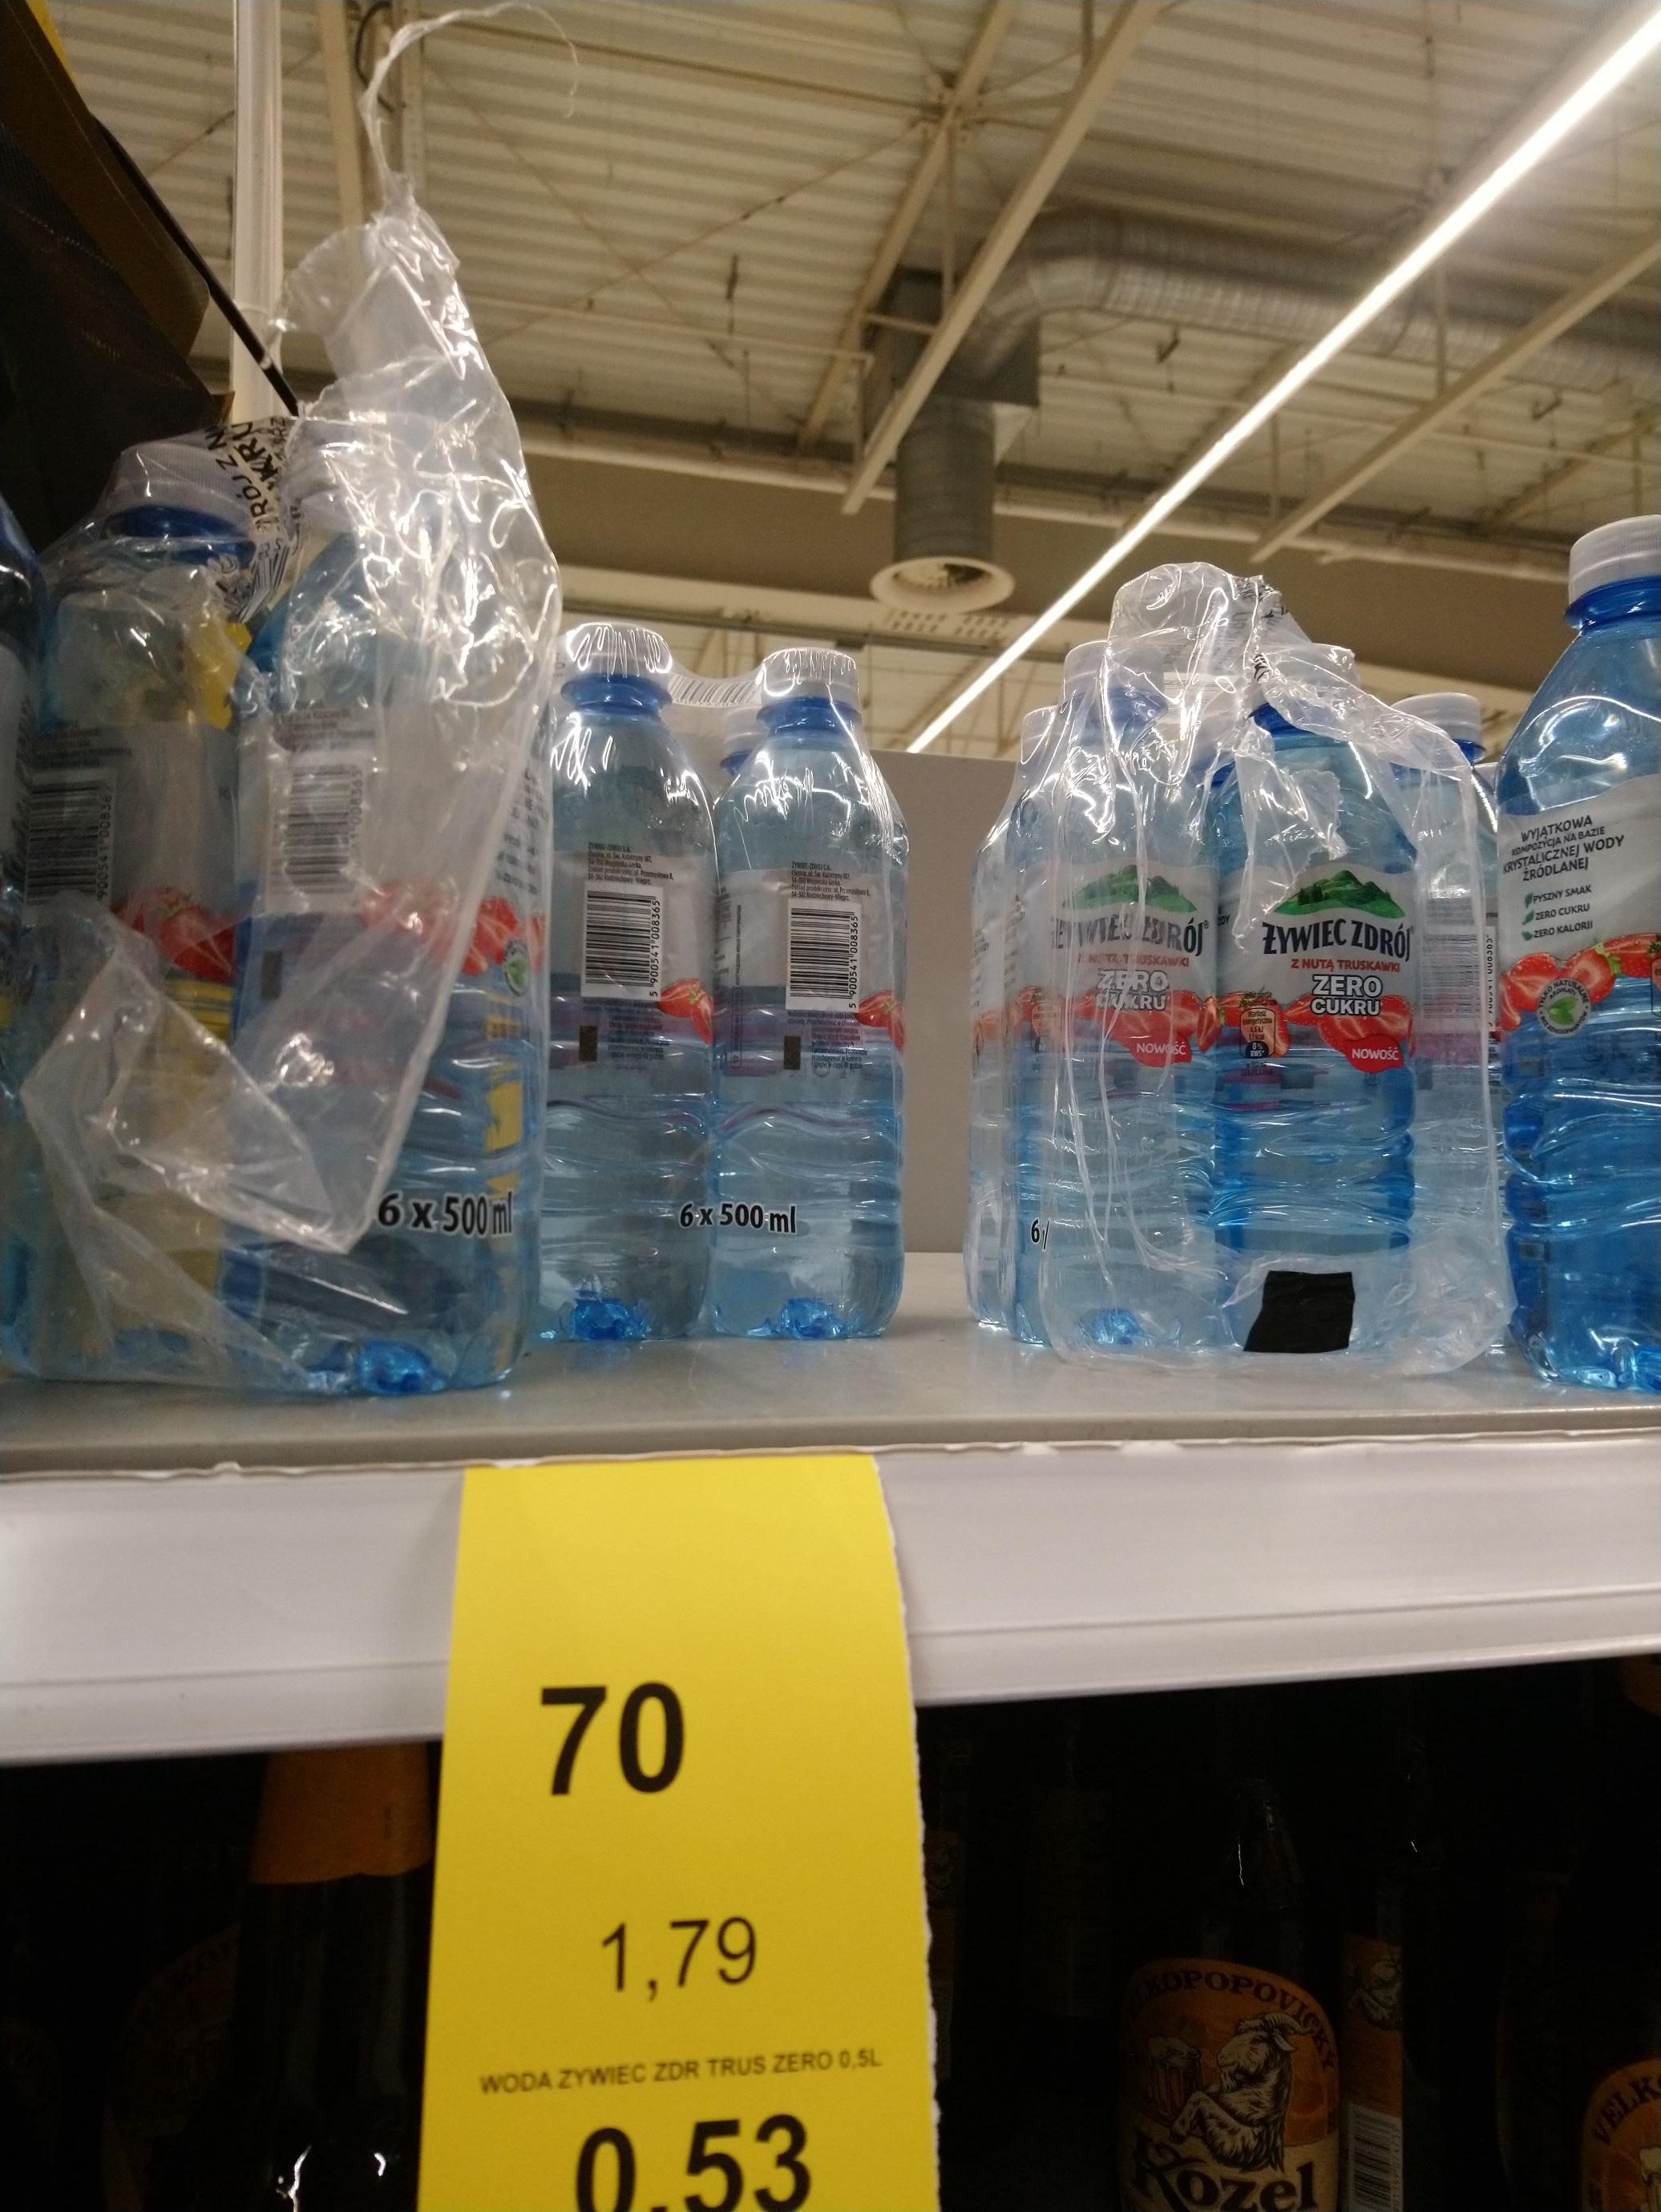 Woda żywiec truskawkowa 0.5L po 53 grosze. Tesco Świdnica